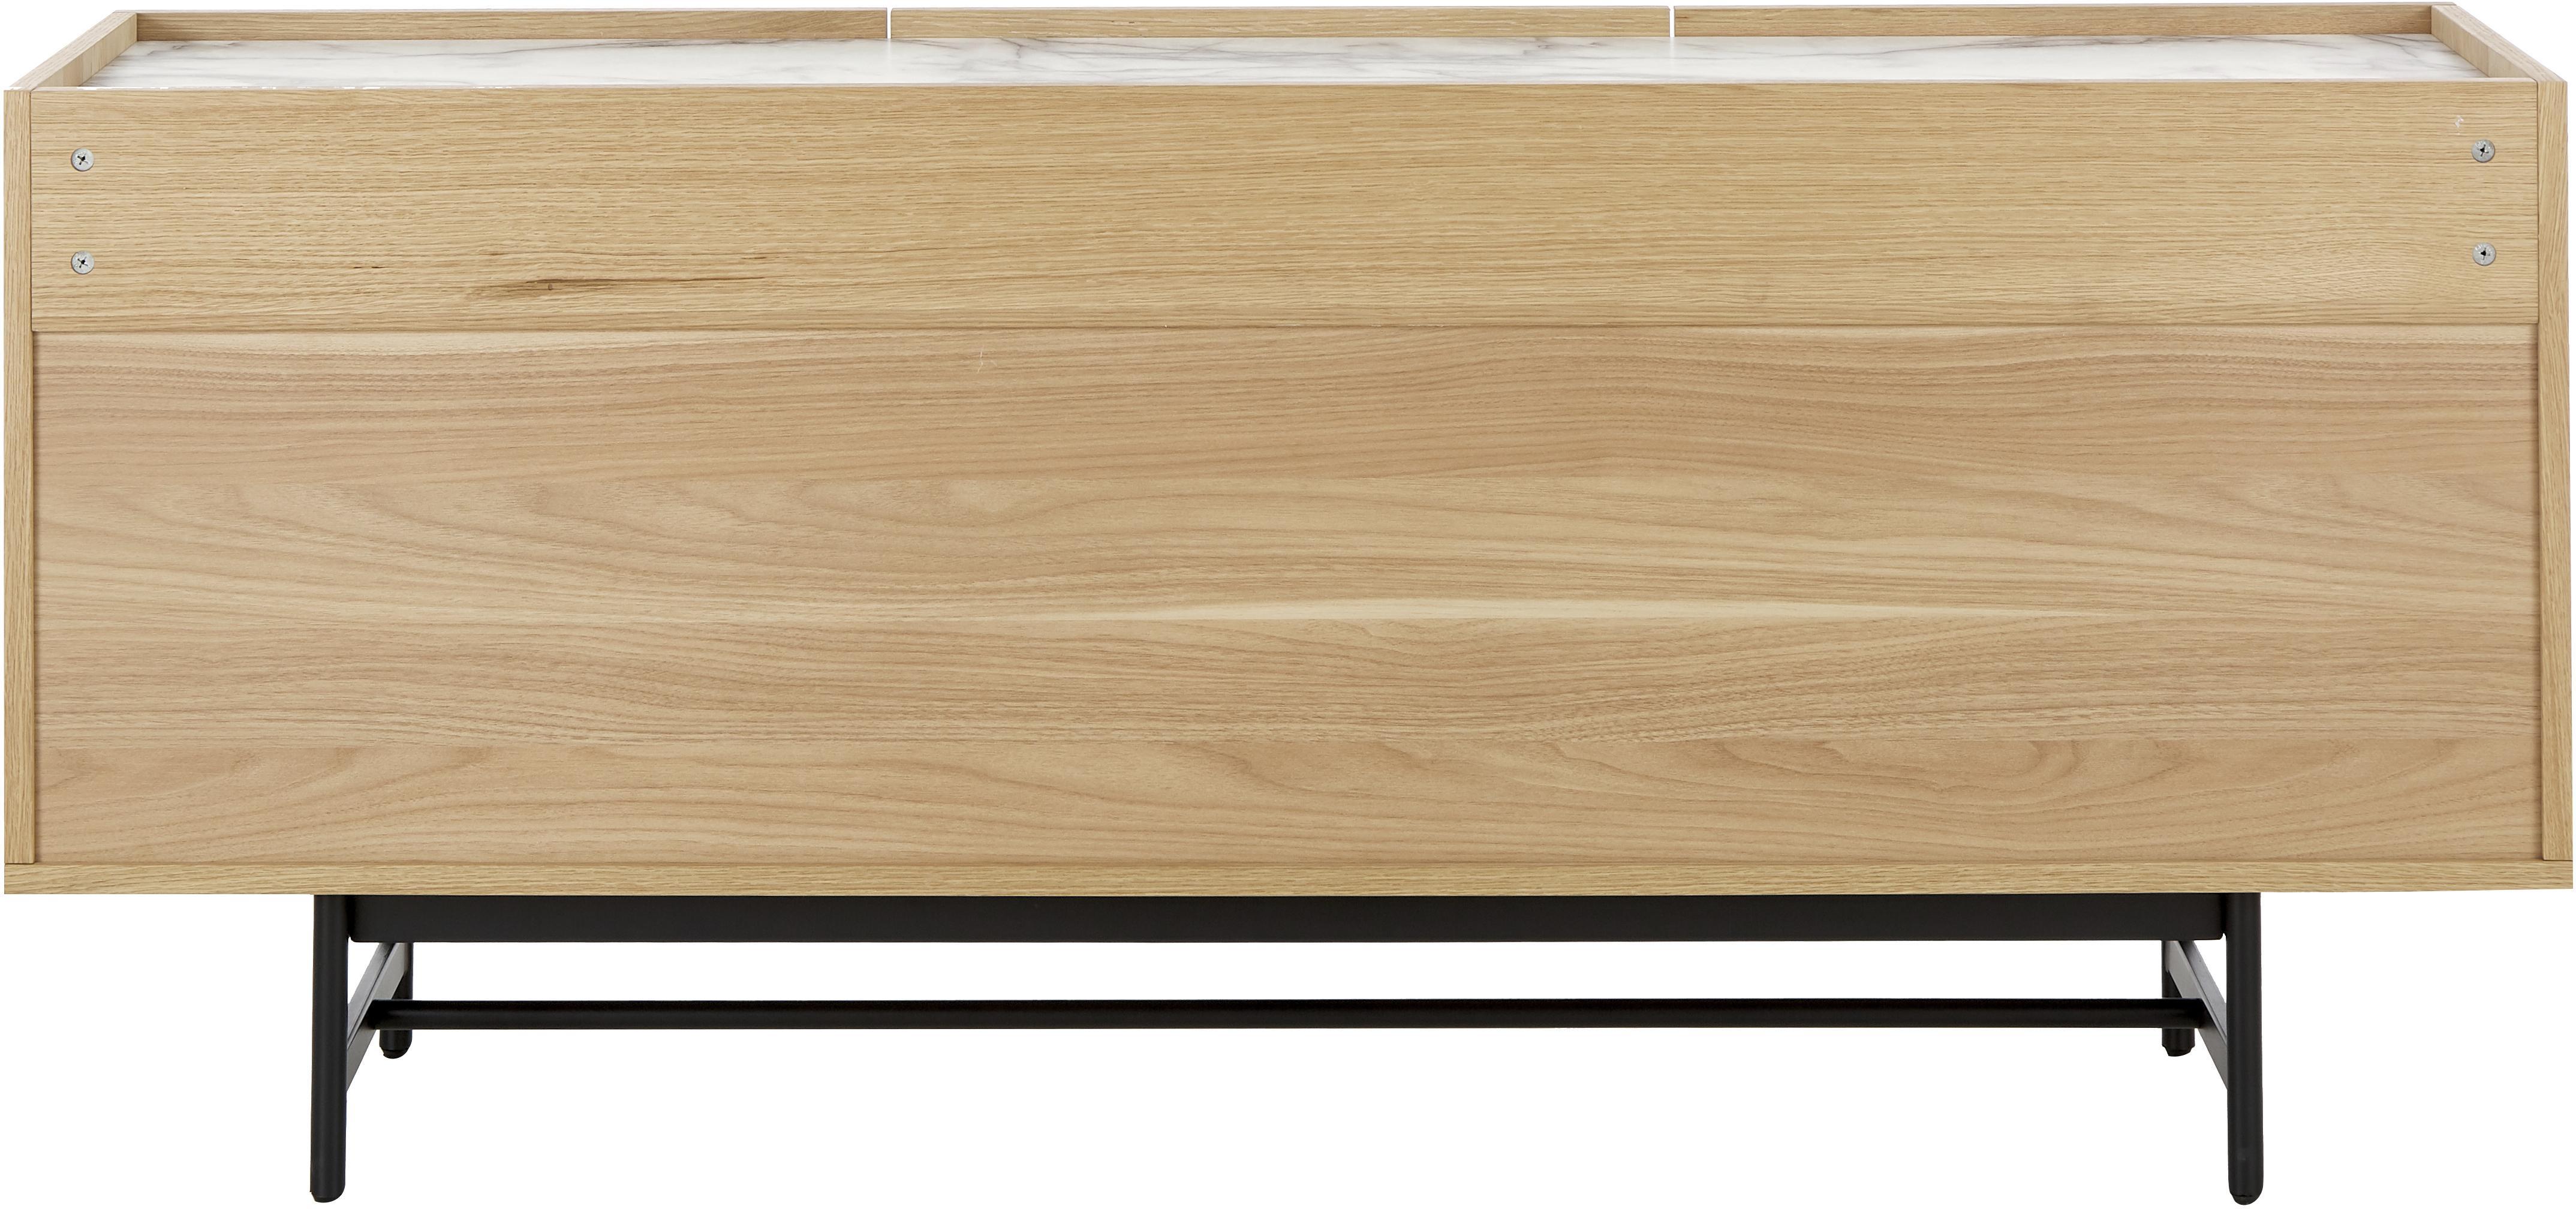 Eichenholz-Sideboard Carare, Korpus: Mitteldichte Holzfaserpla, Füße: Metall, beschichtet, Platte: Mitteldichte Holzfaserpla, Braun, Schwarz, Weiß, marmoriert, 160 x 70 cm